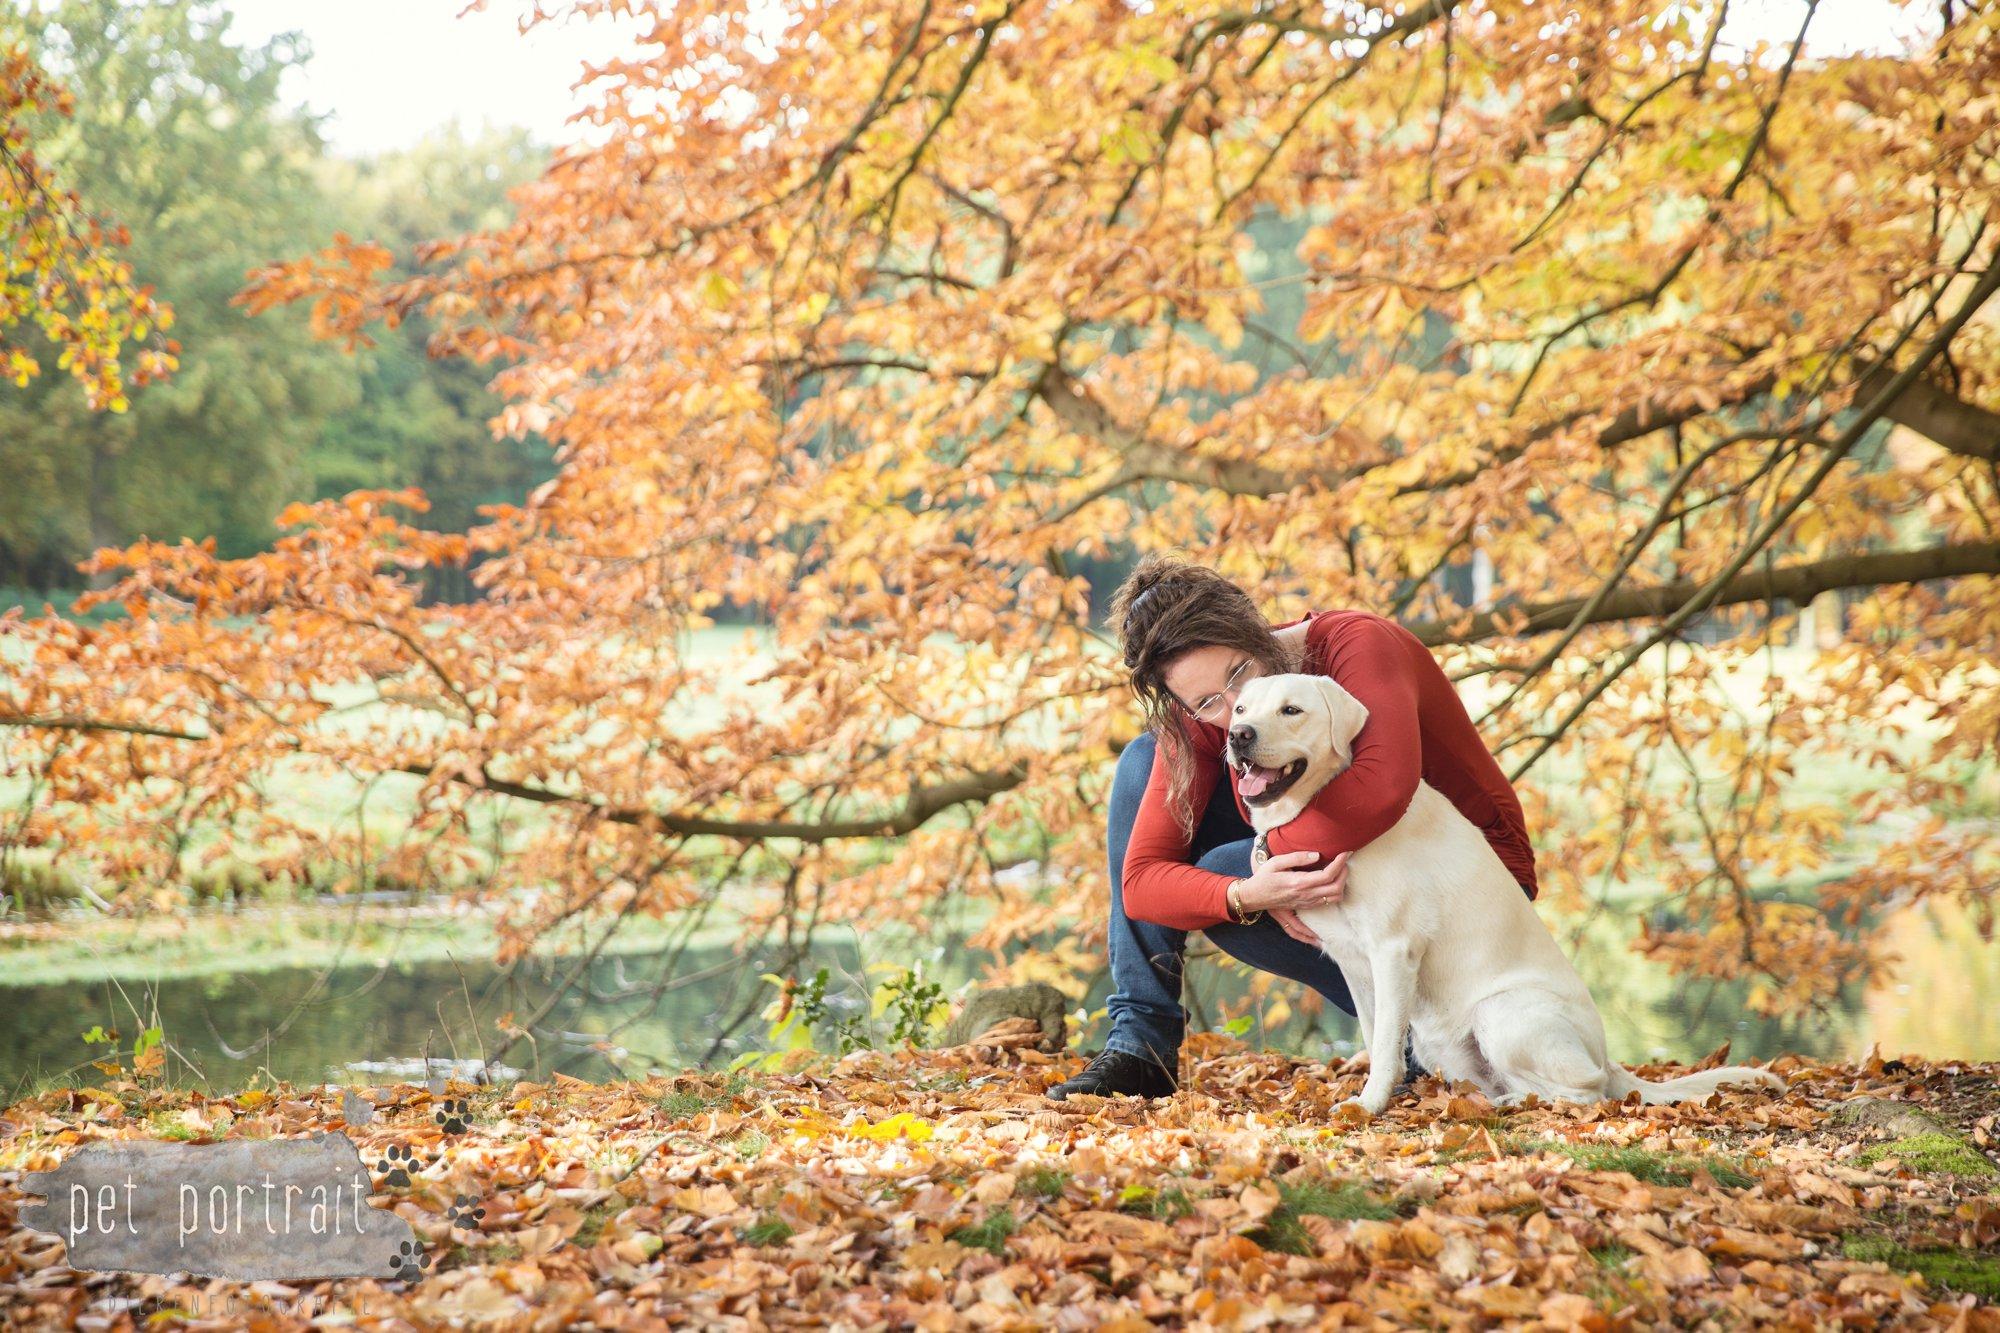 hondenfotograaf-s-graveland-beloved-dier-en-baasje-fotoshoot-labrador-juul-8